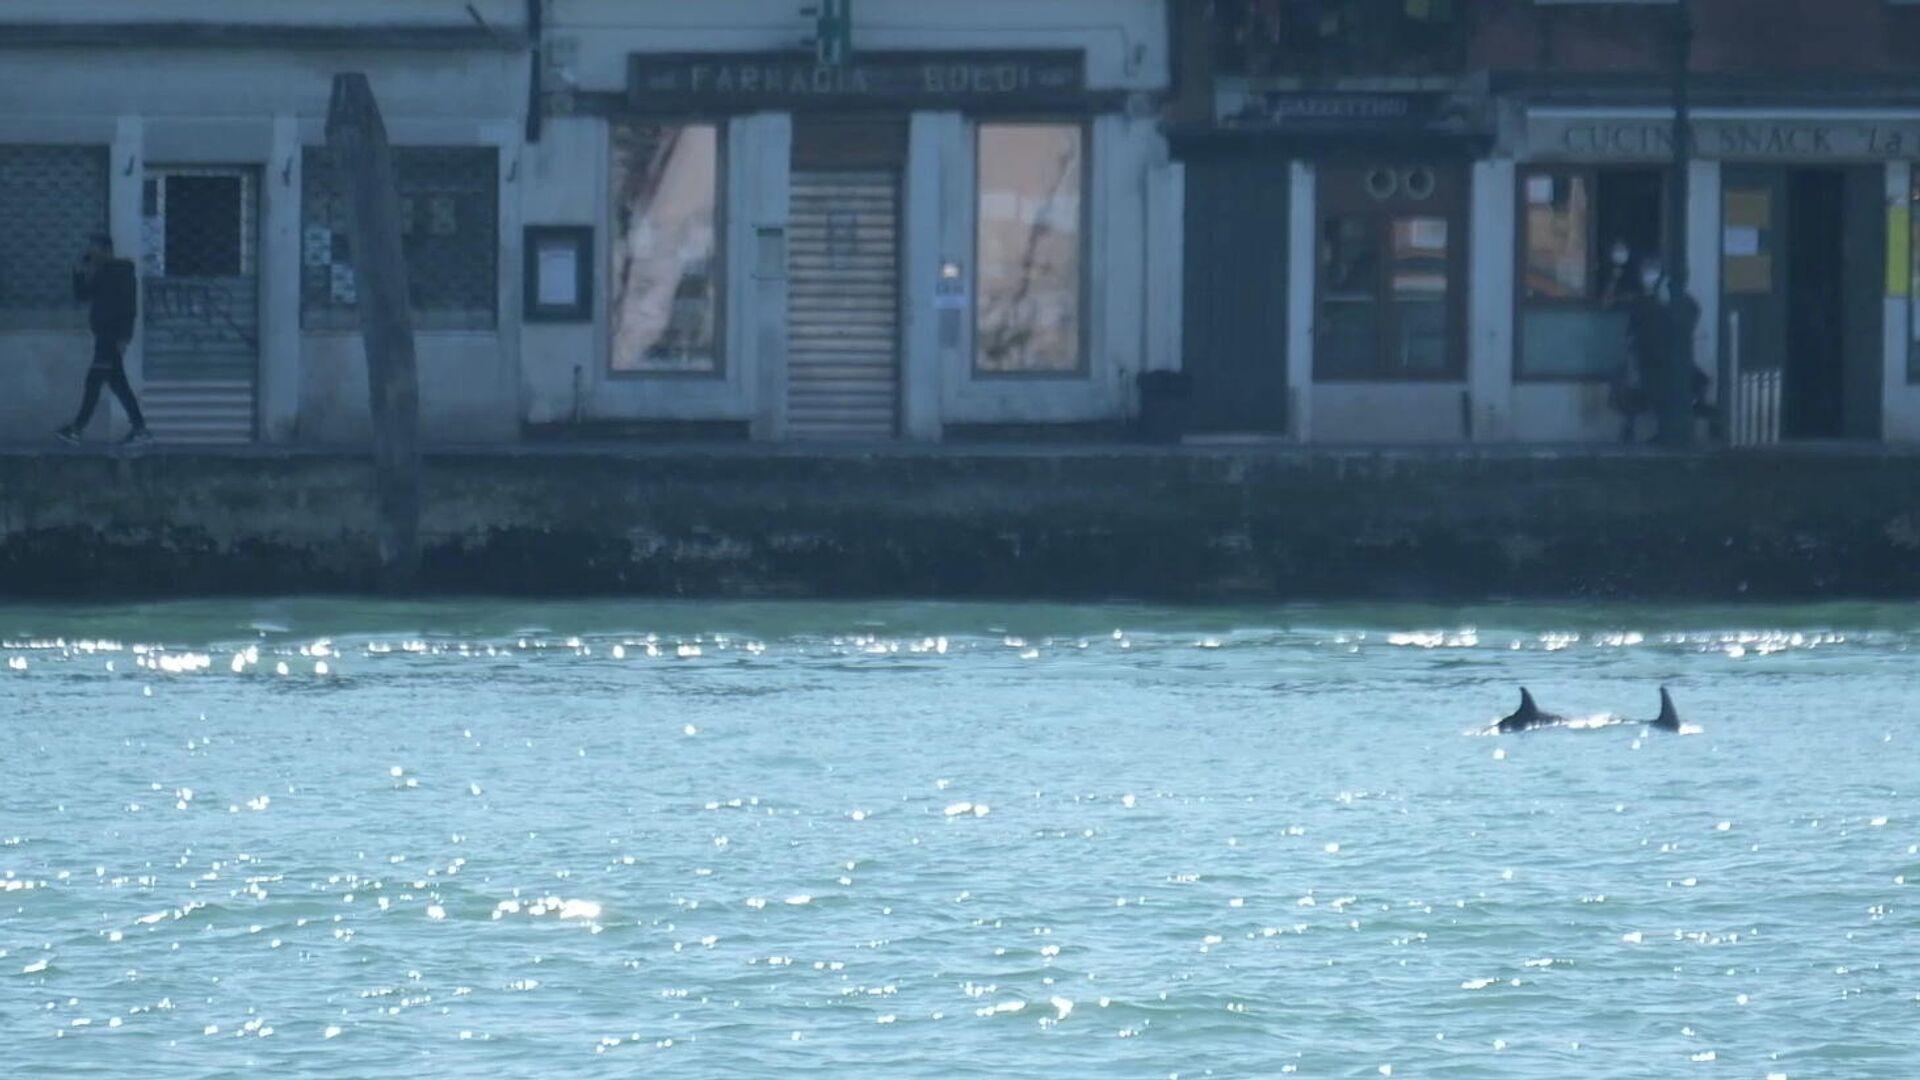 Unos delfines nadan en el canal de Giudecca, cerca de la Plaza de San Marcos, en Venecia (Italia) - Sputnik Mundo, 1920, 25.03.2021